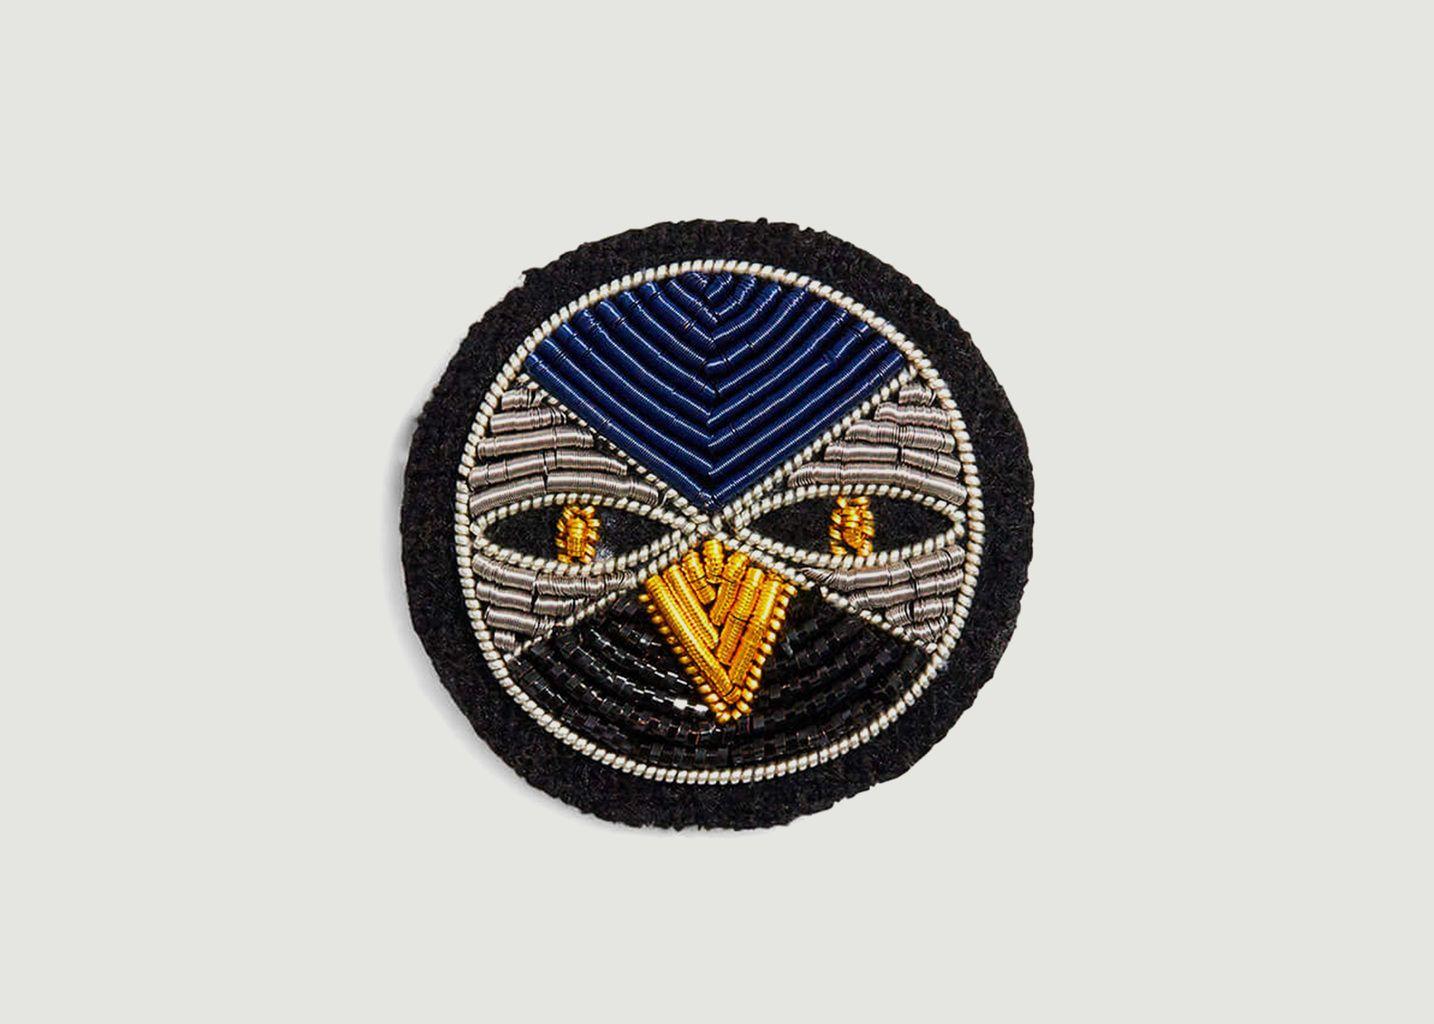 Broche Tête d'oiseau  - Macon & Lesquoy